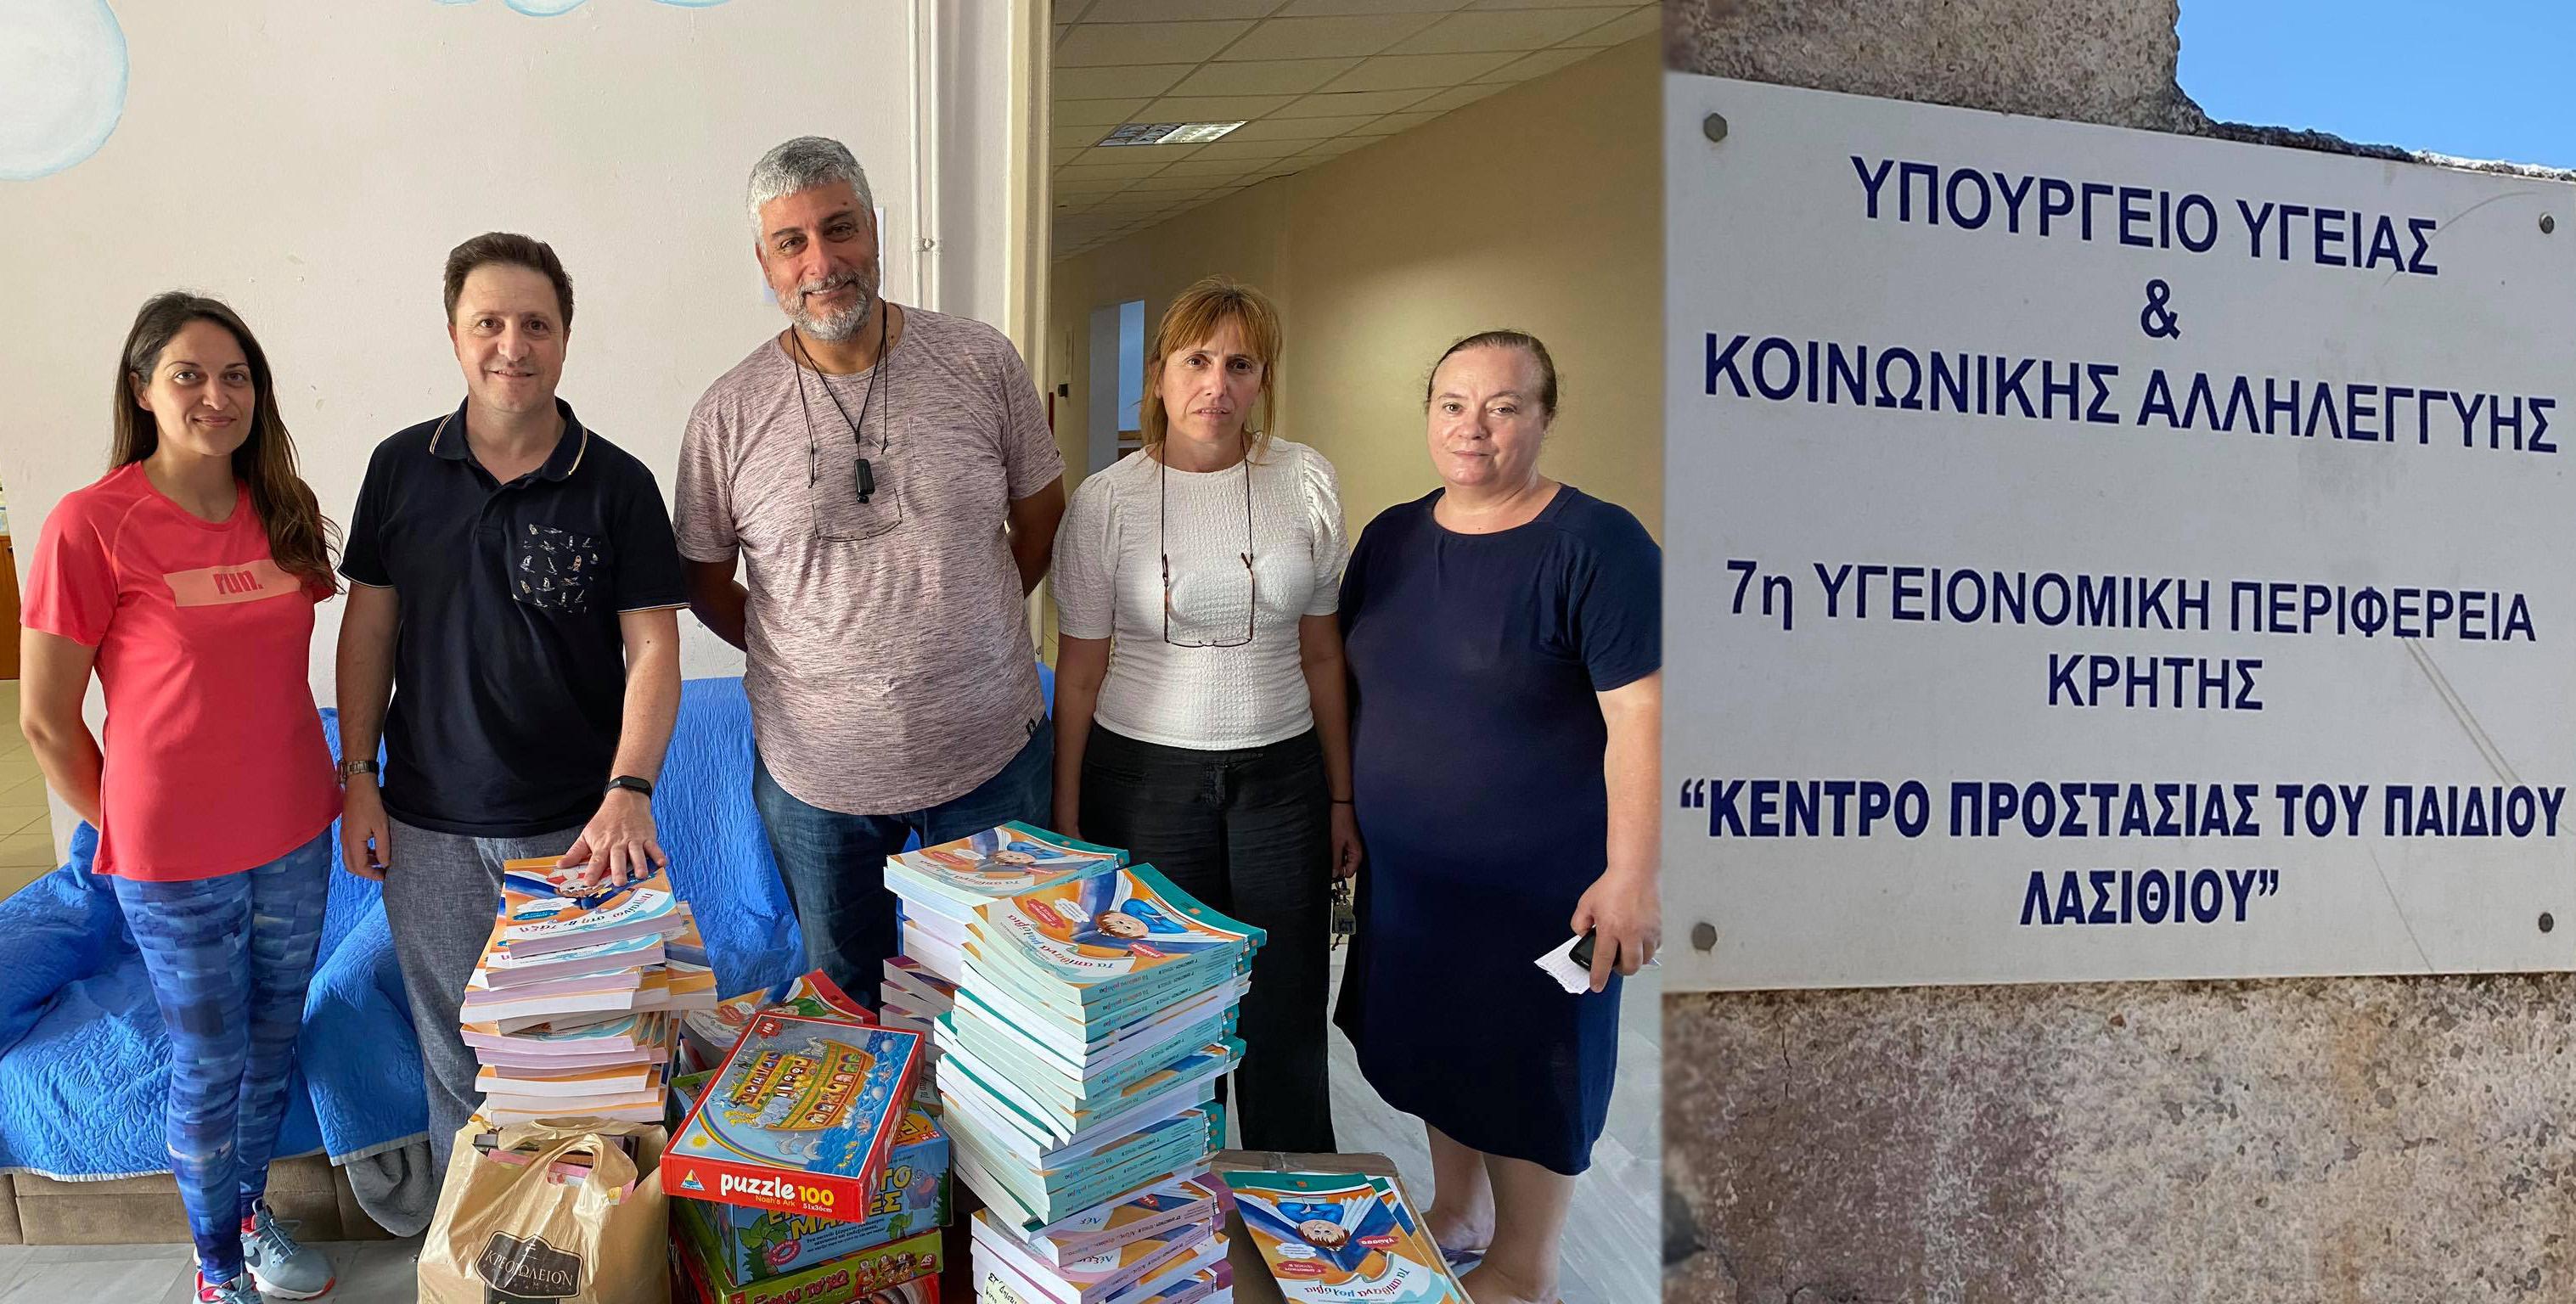 Προσφορά βιβλίων και παιχνιδιών στα παιδιά του παραρτήματος προστασίας παιδιού Λασιθίου από τους Αστυνομικούς του Λασιθίου